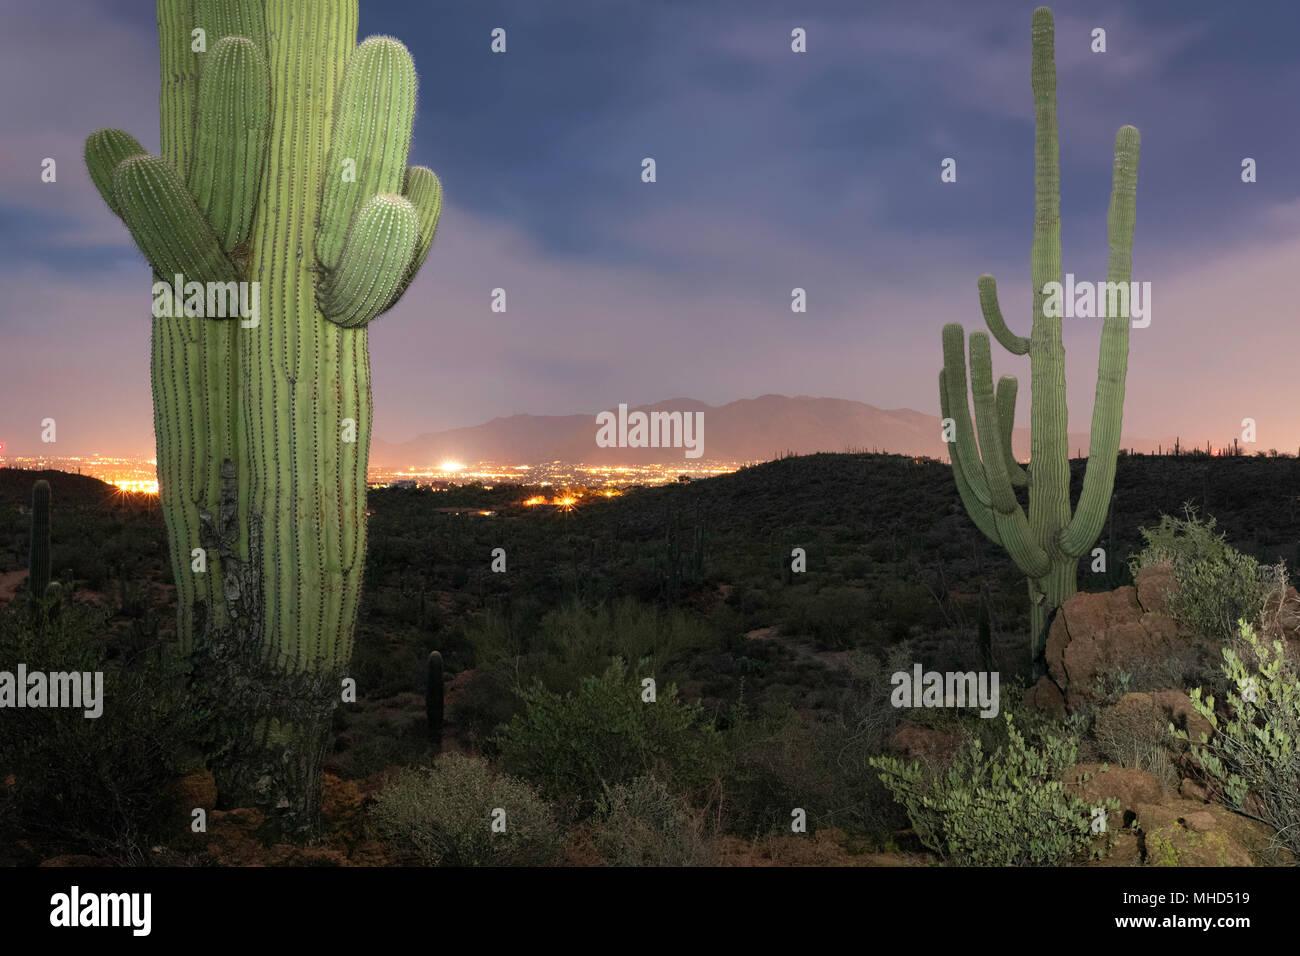 Saguaro Kaktus (Carnegiea gigantea) am Abend mit den Lichtern der Stadt in der Ferne, Tucson, Arizona Stockfoto